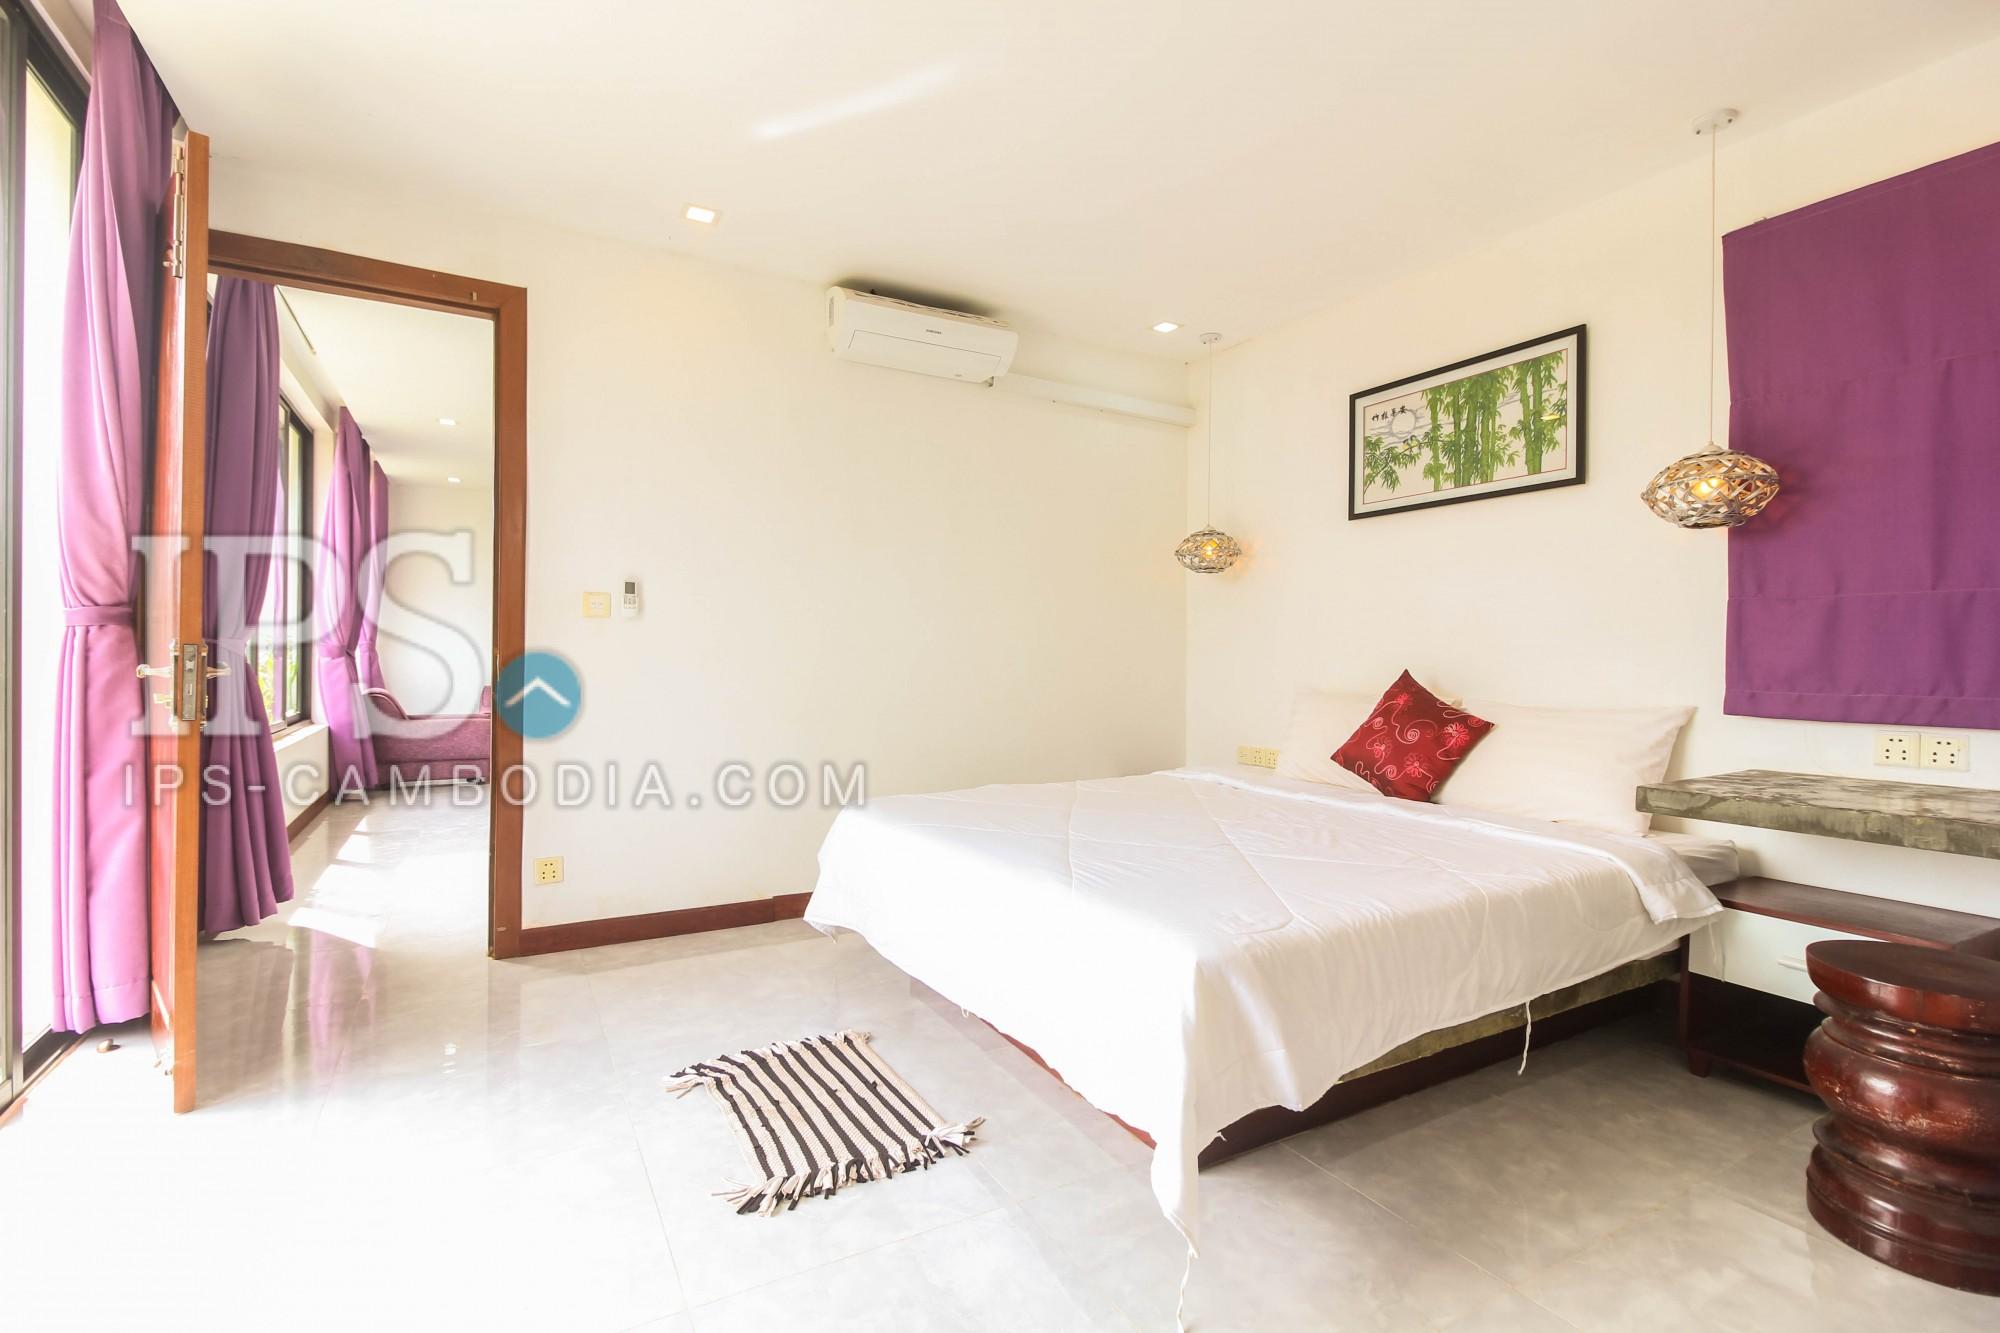 3 Modern Bedrooms Villa For Rent in Slor Kram, Siem Reap